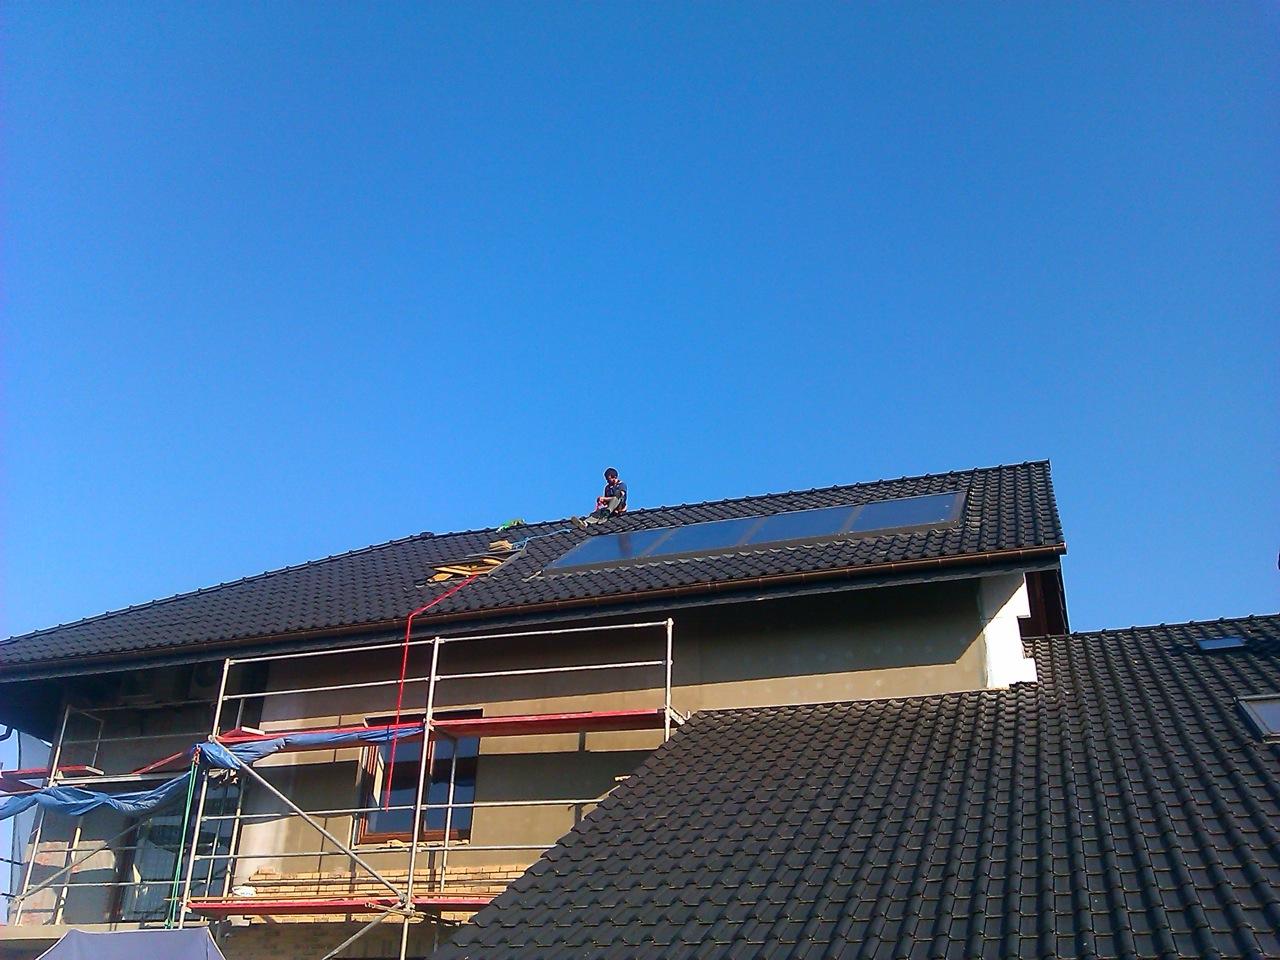 słoneczne Rotex w systemie drain back OWK czyli HVAC po polsku #0365C8